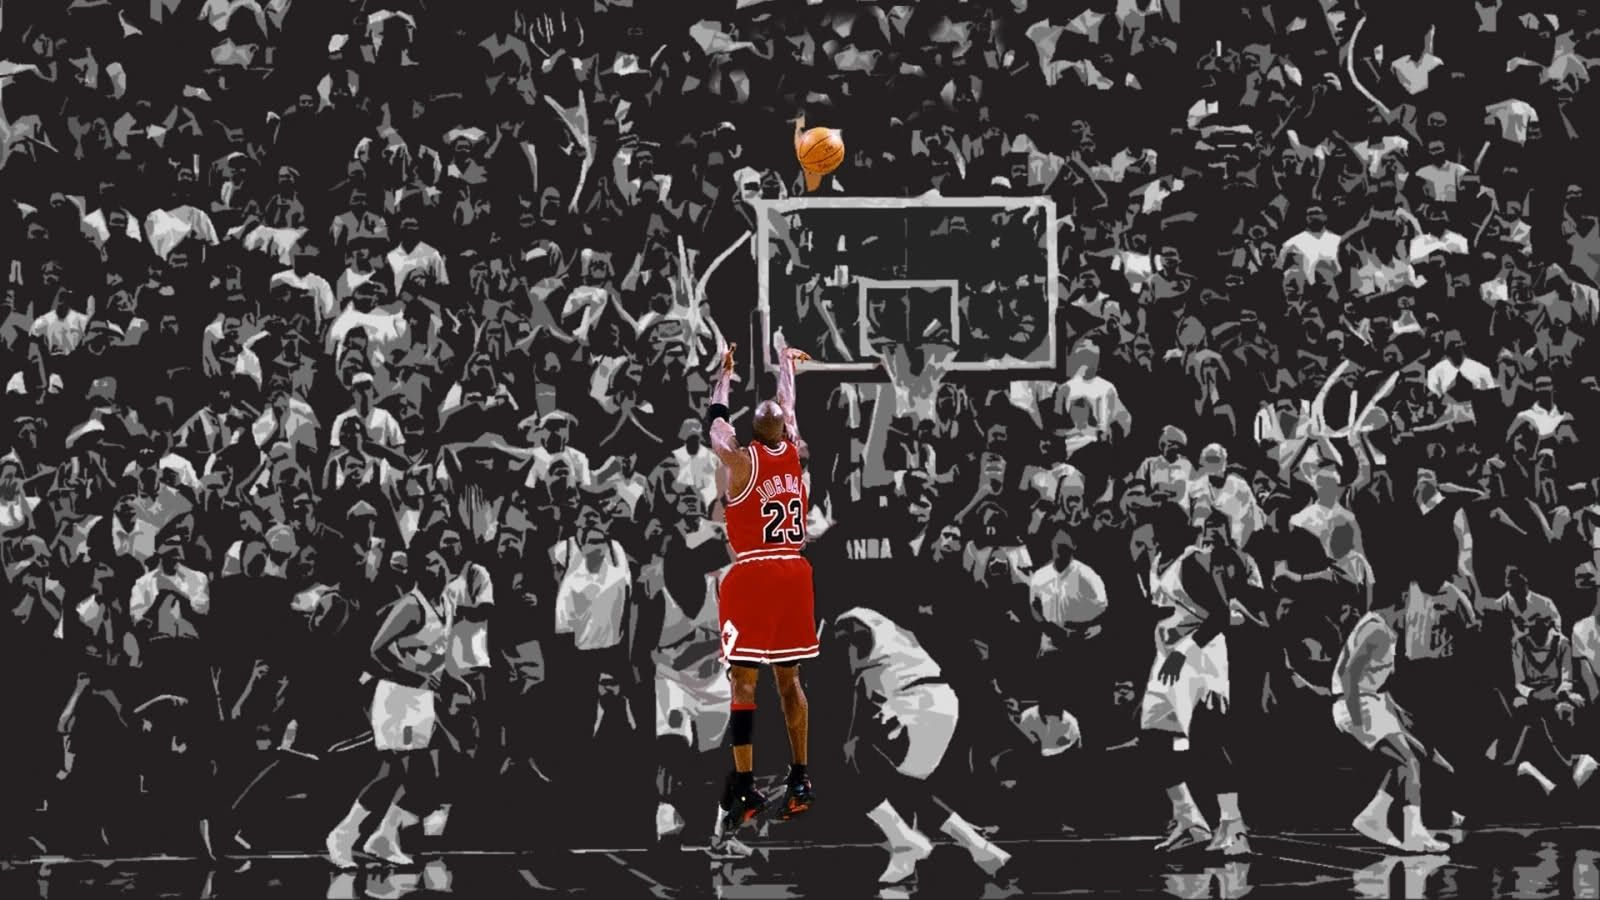 10 New Michael Jordan Desktop Wallpaper Full Hd 1920 1080 For Pc Desktop Curi